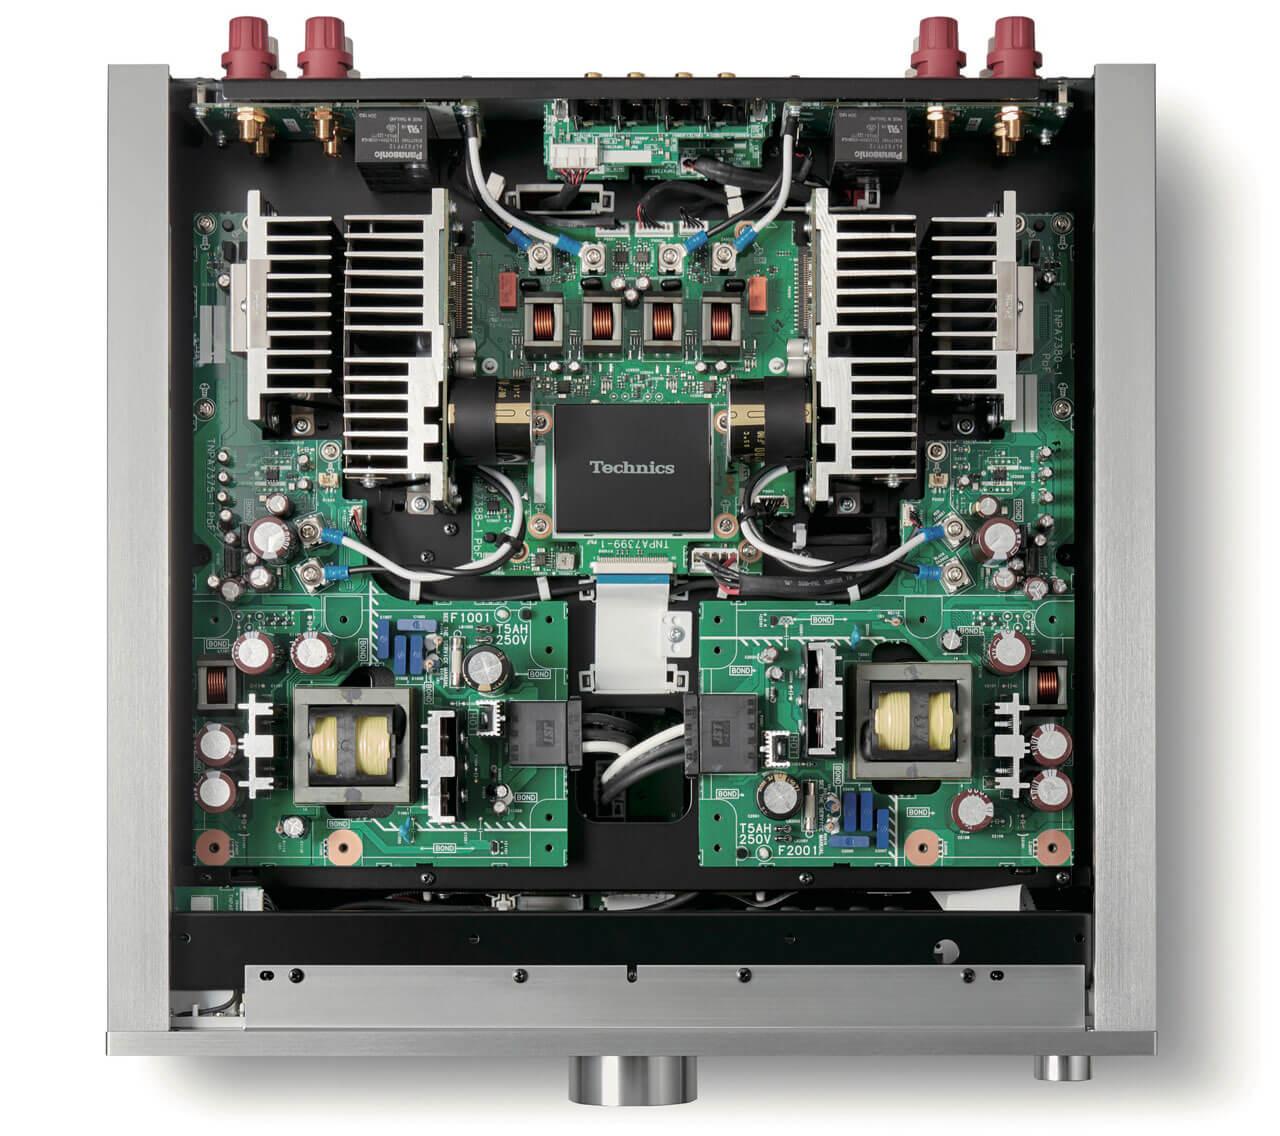 Technics SU-R1000 von innen: Trafo und Elektronik